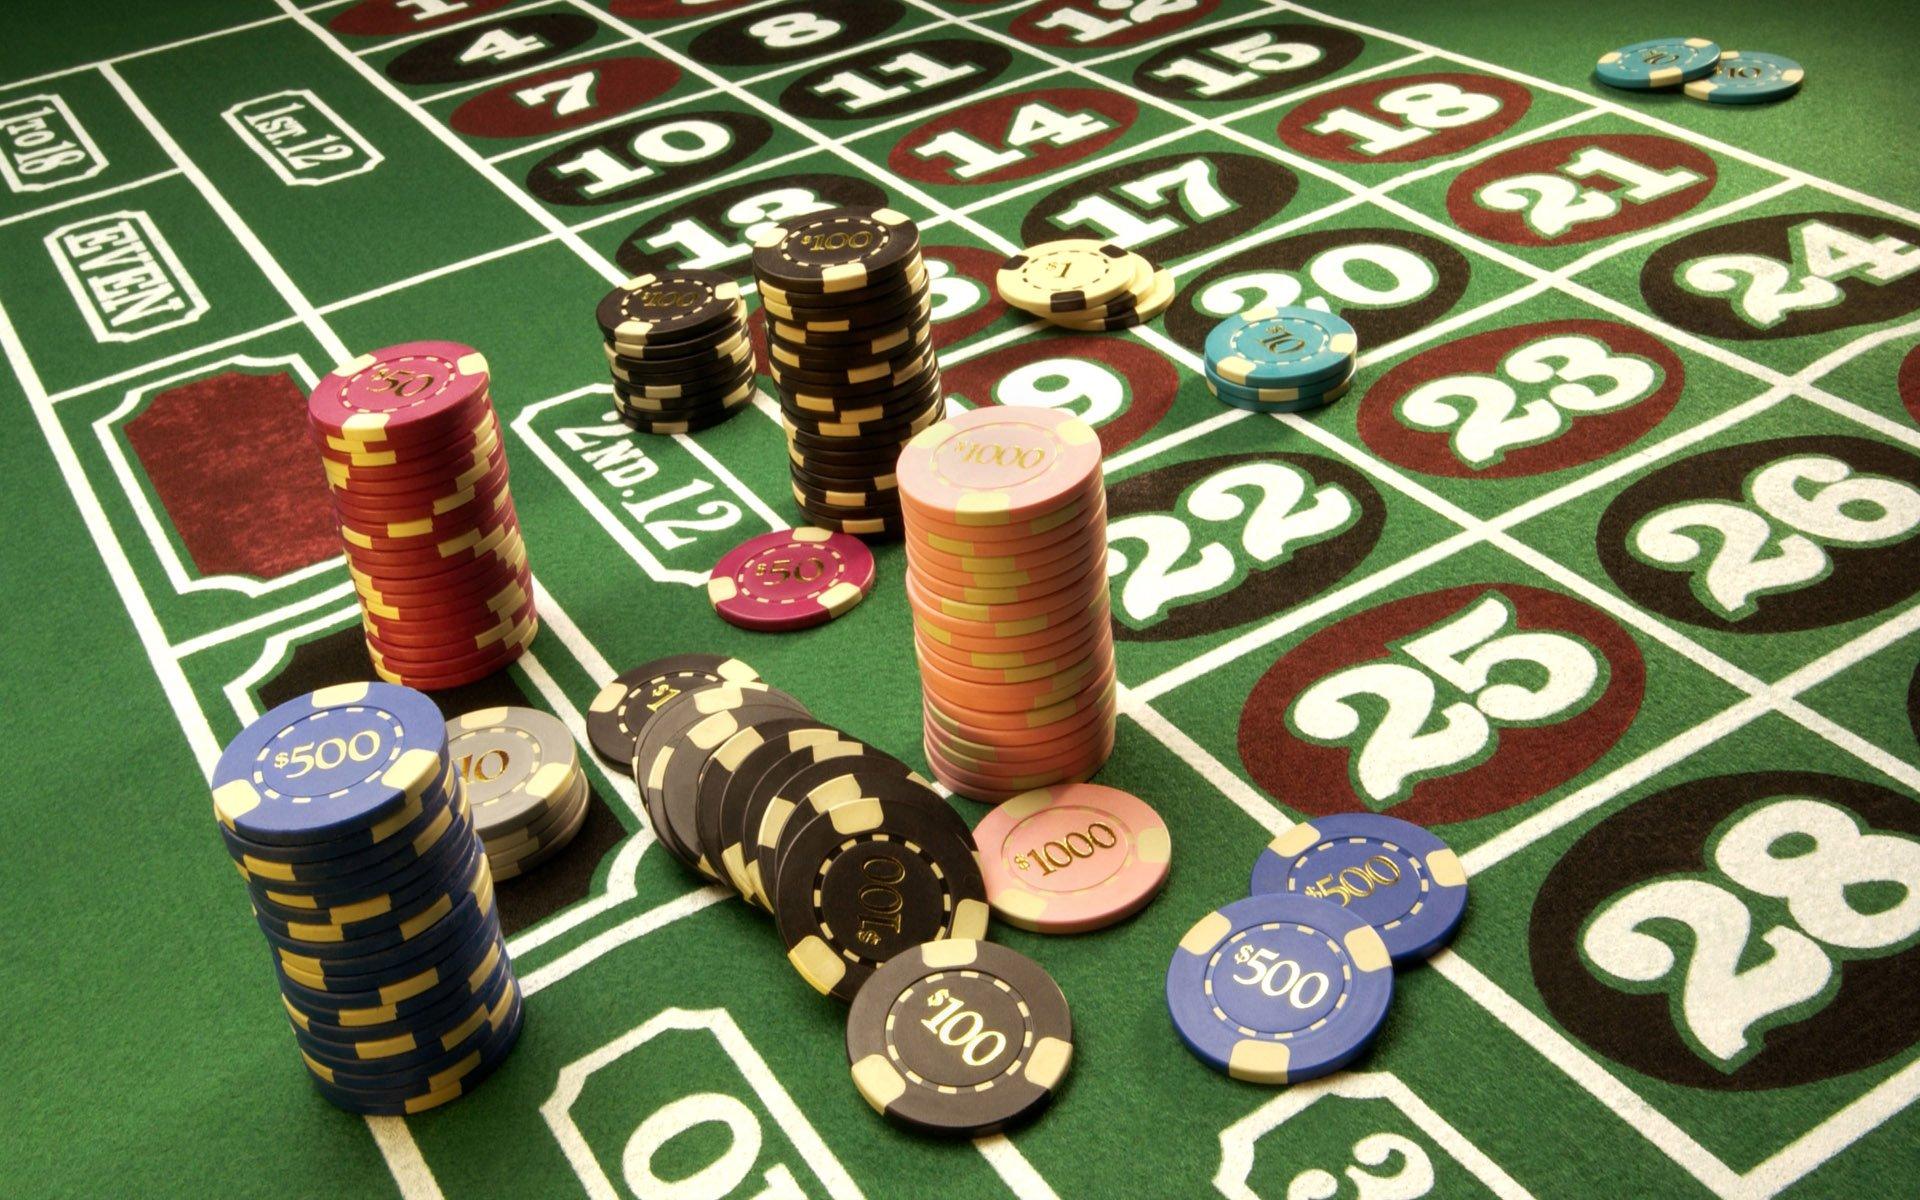 Шесть барнаульцев получили условный срок за компанию подпольного казино